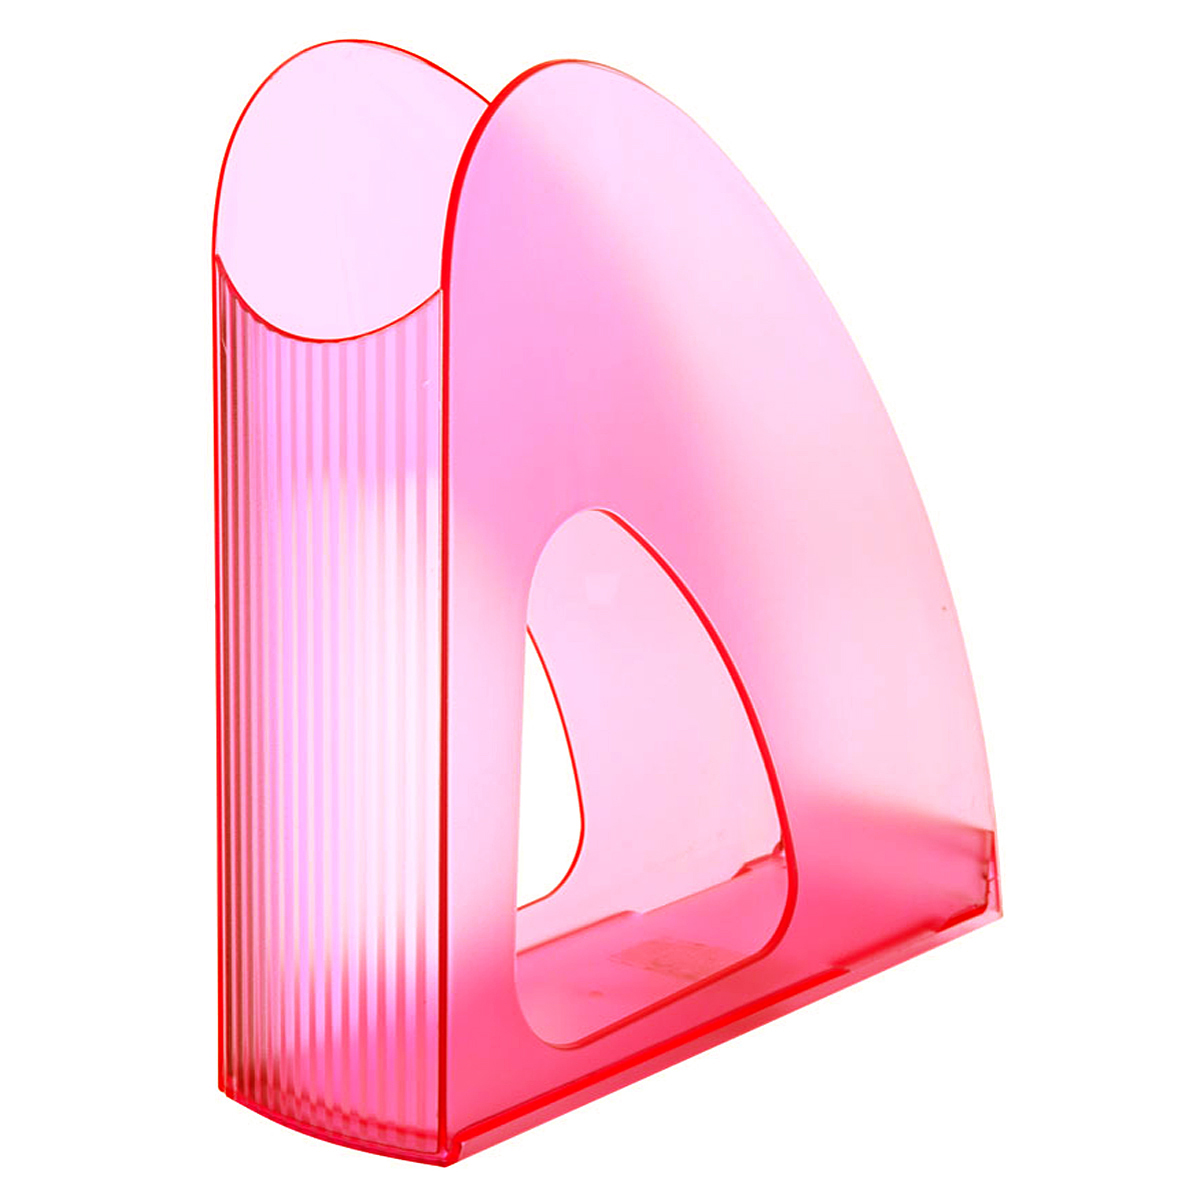 Лоток для бумаг вертикальный HAN Twin Signal, прозрачный, цвет: розовыйHA16110/76Вертикальный лоток для бумаг HAN Twin Signal с оригинальным дизайном корпуса поможет вам навести порядок на столе и сэкономить пространство. Лоток изготовлен из прозрачного антистатического пластика яркого цвета. Низкий передний порог облегчает изъятие документов из накопителя.Благодаря лотку для бумаг, важные бумаги и документы всегда будут под рукой.